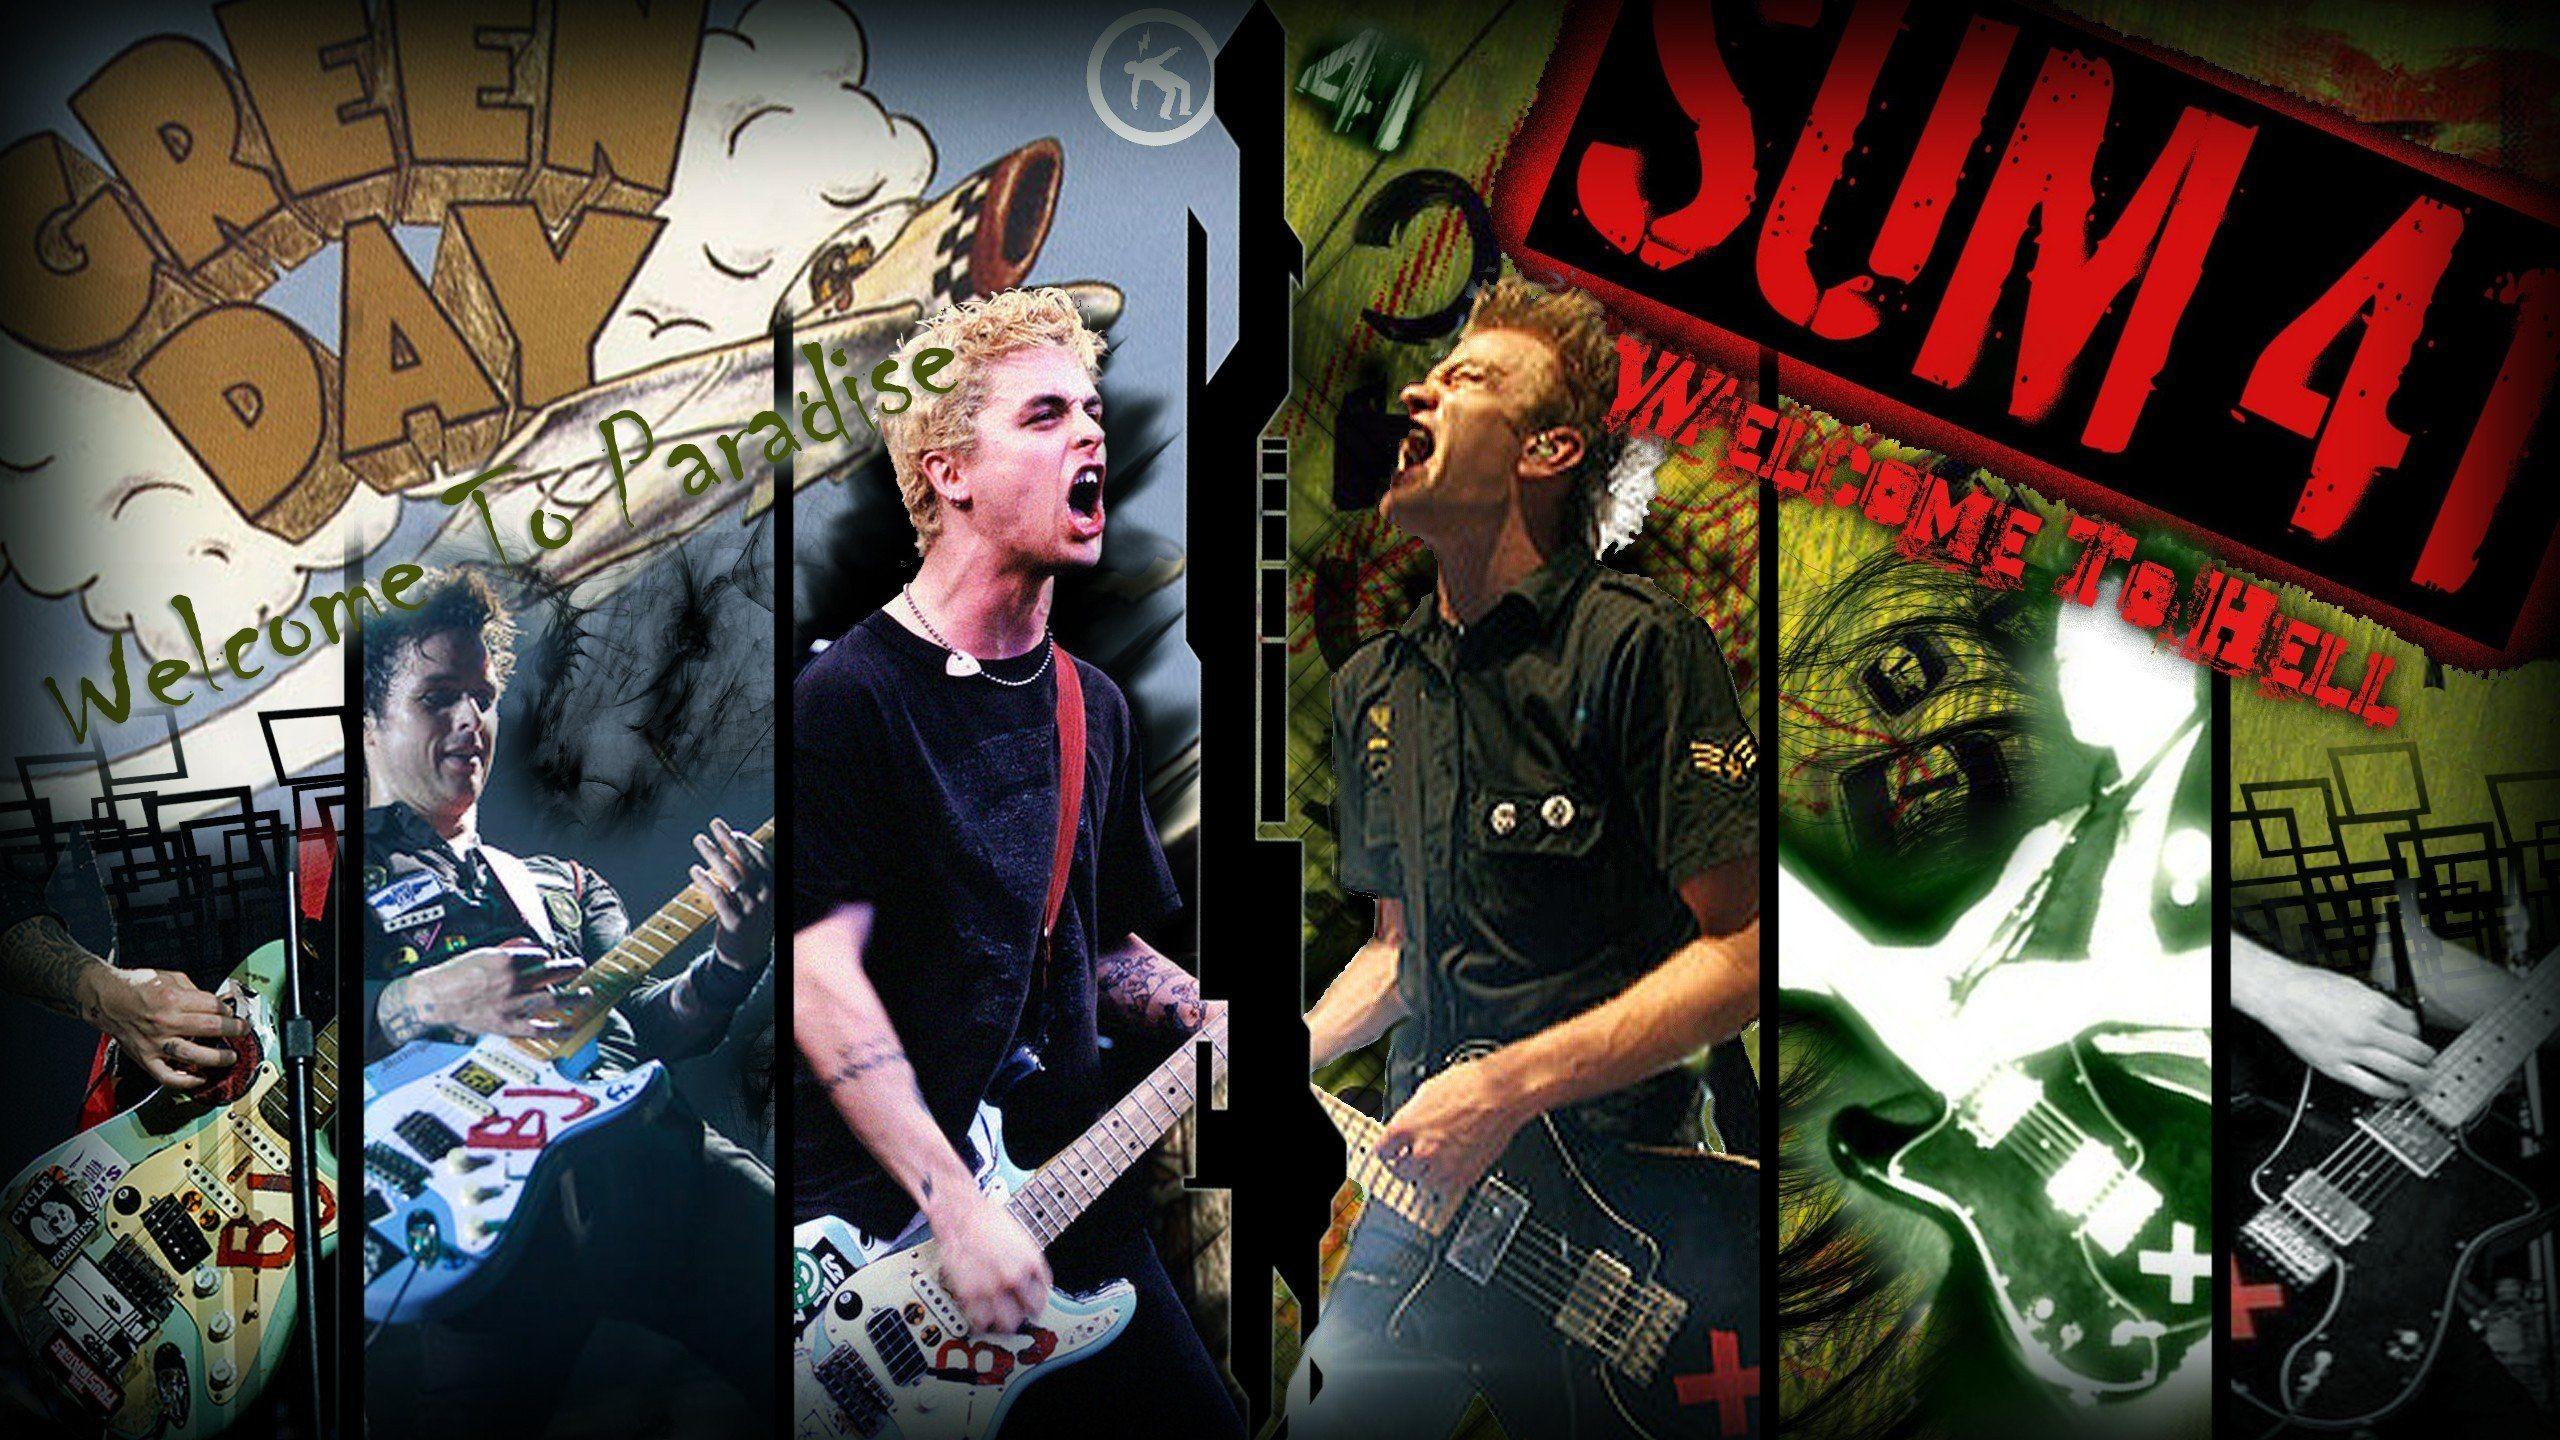 Green Day punk Billie Joe Armstrong Pop Punk sum 41 punk rock .